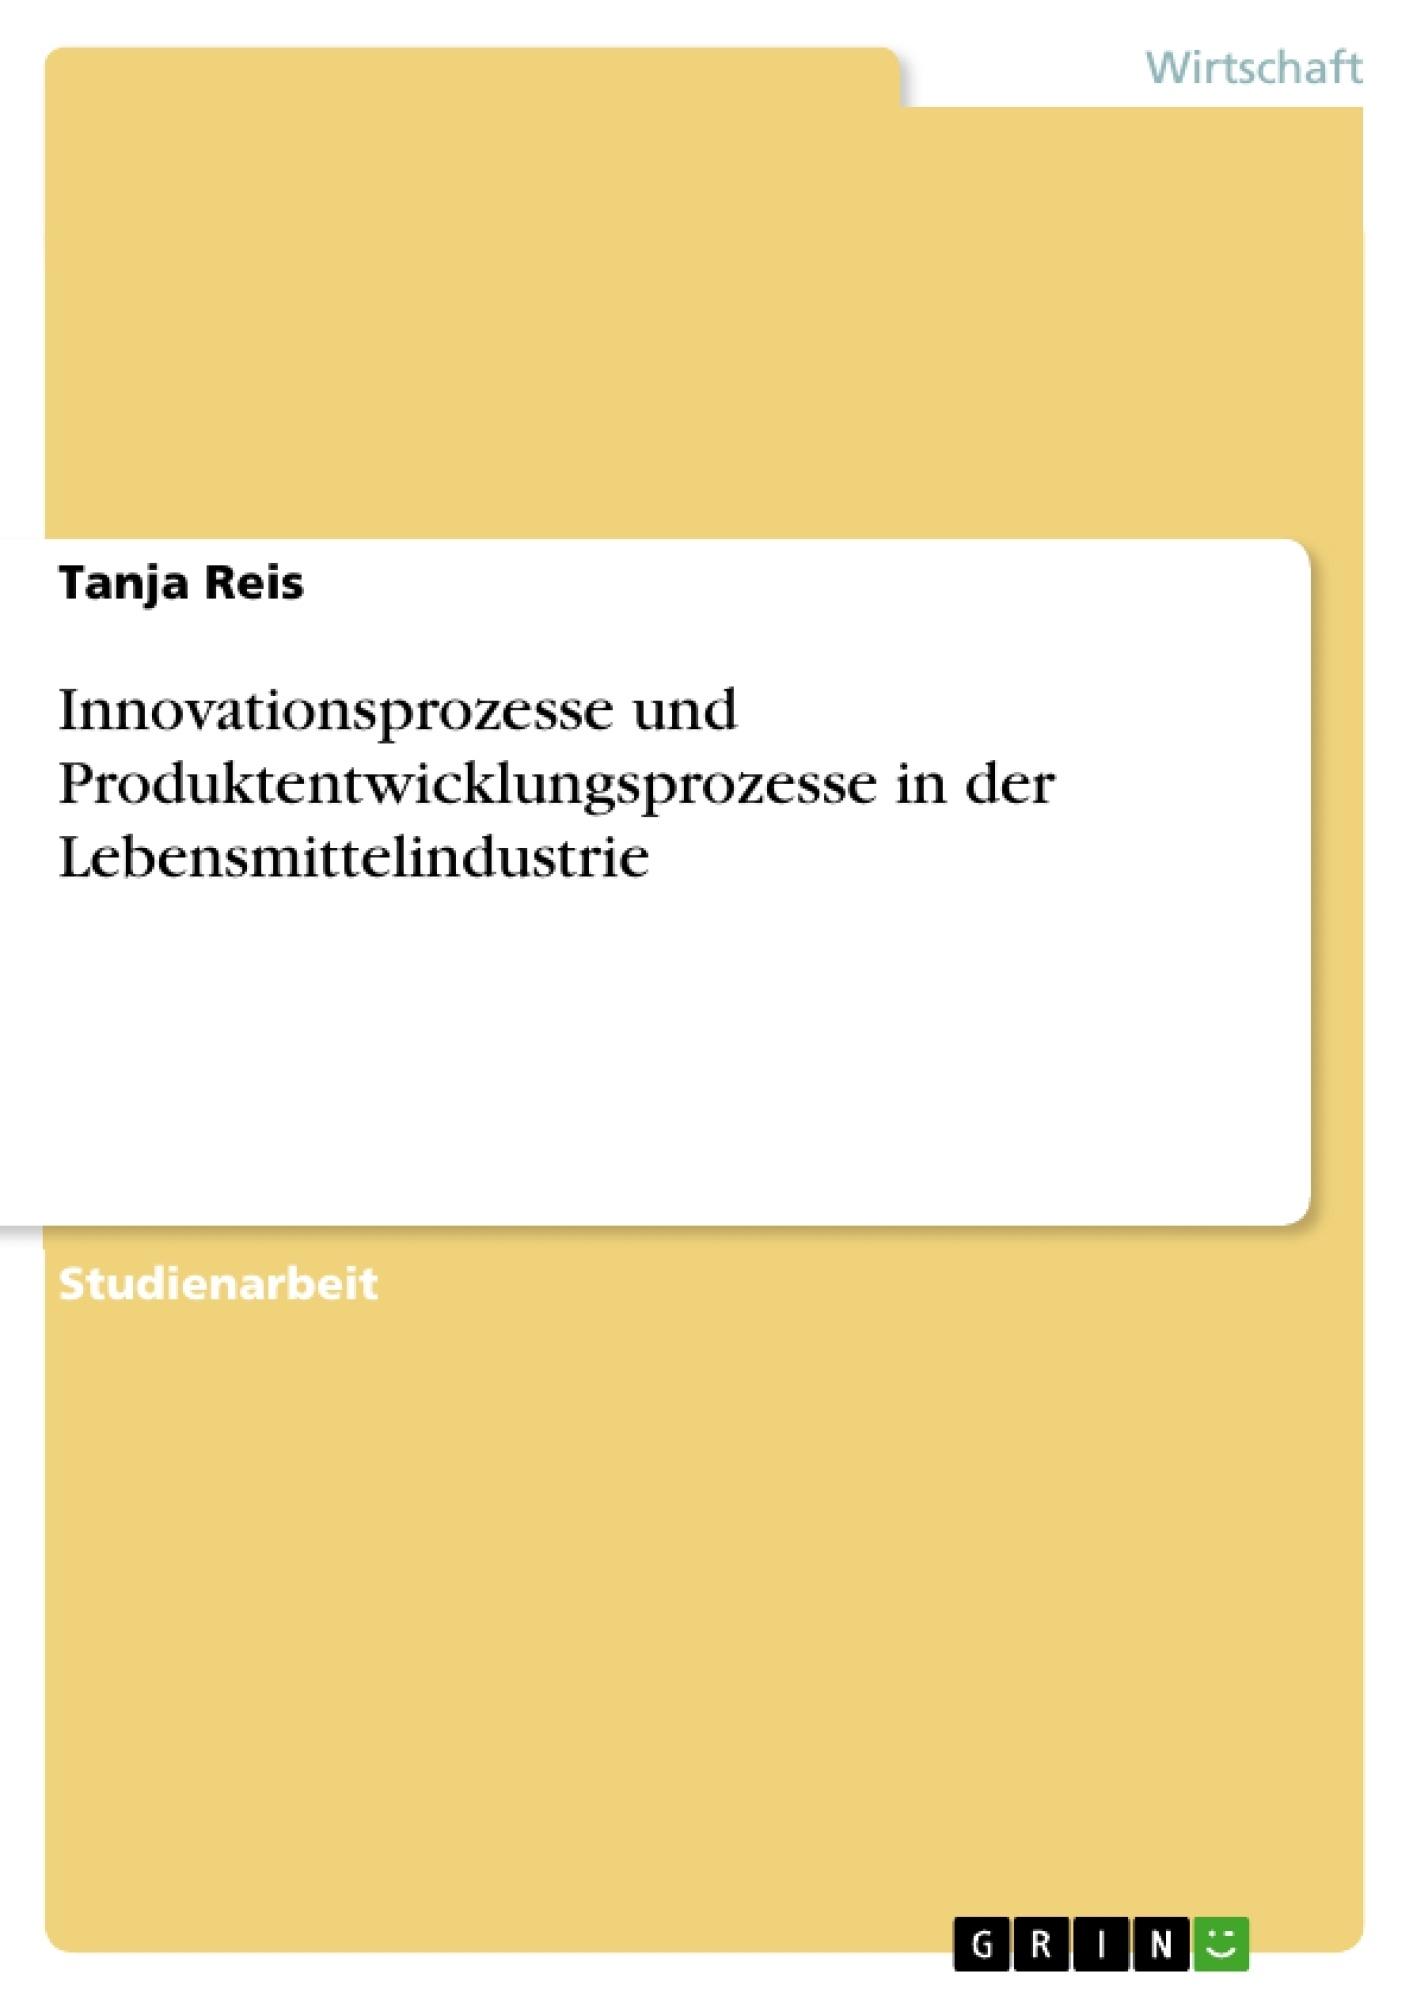 Titel: Innovationsprozesse und Produktentwicklungsprozesse in der Lebensmittelindustrie